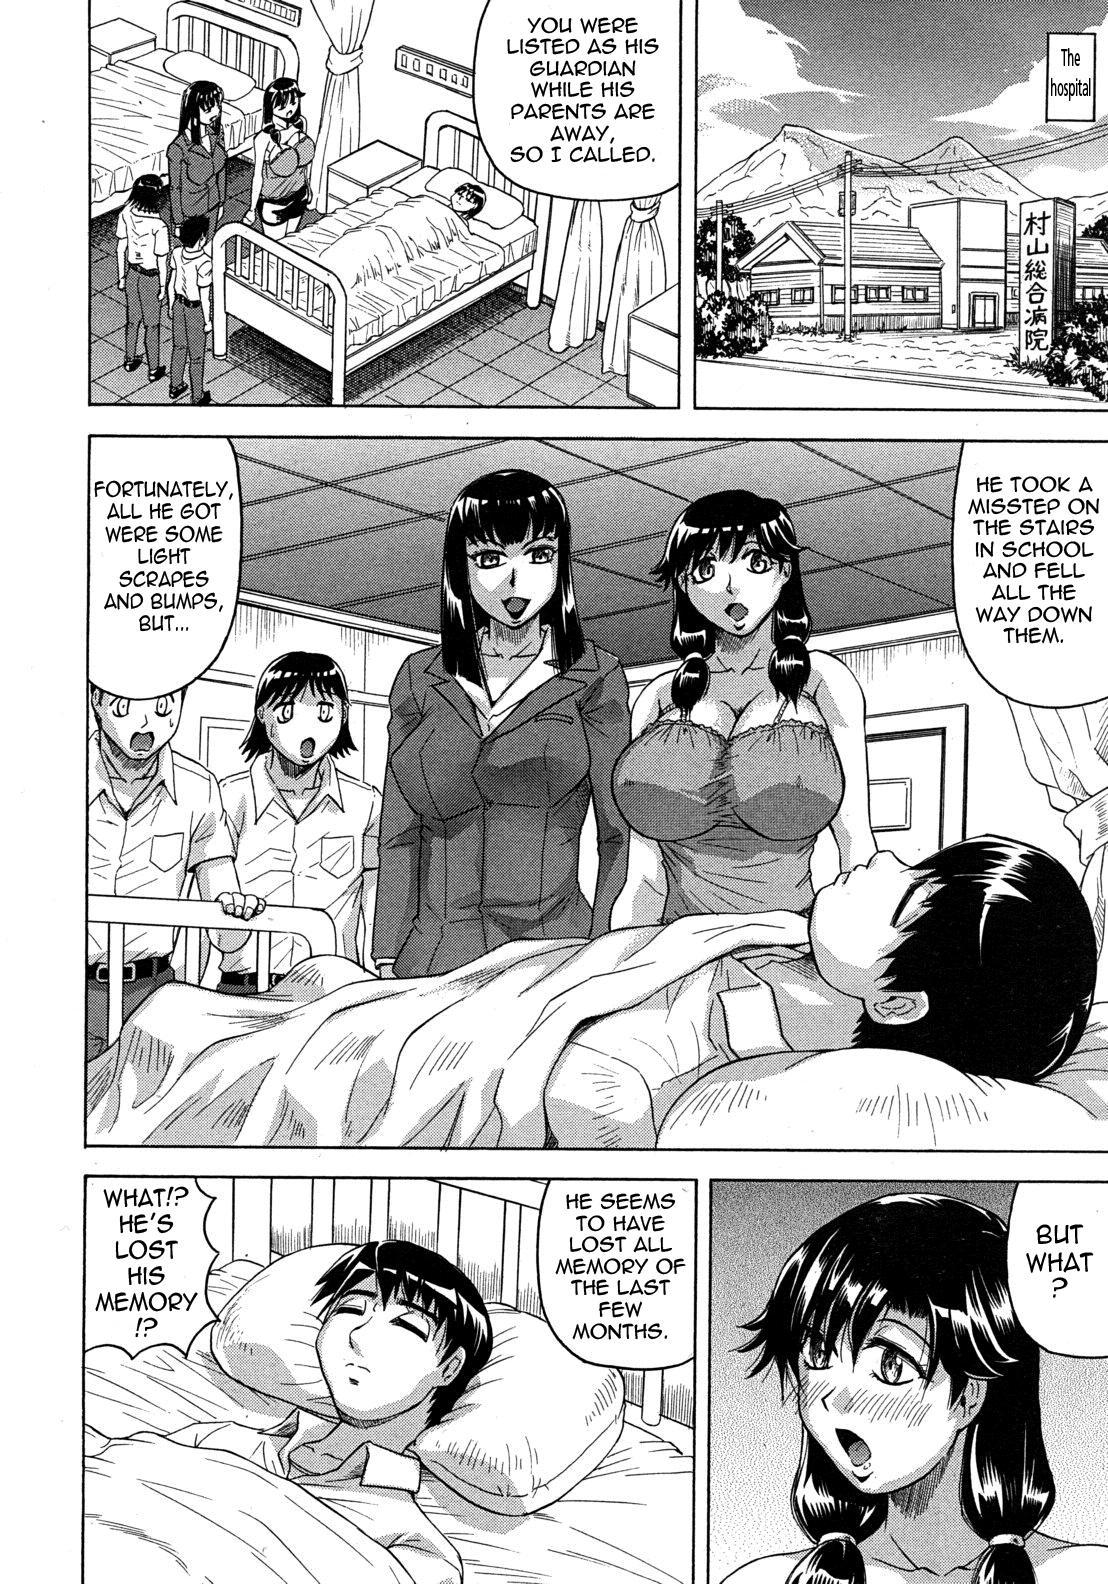 [Jamming] Koibito ha Tonari no Oneesan (Hatsujyouki) | My Lover is the Girl Next Door [English] {Tadanohito} 143